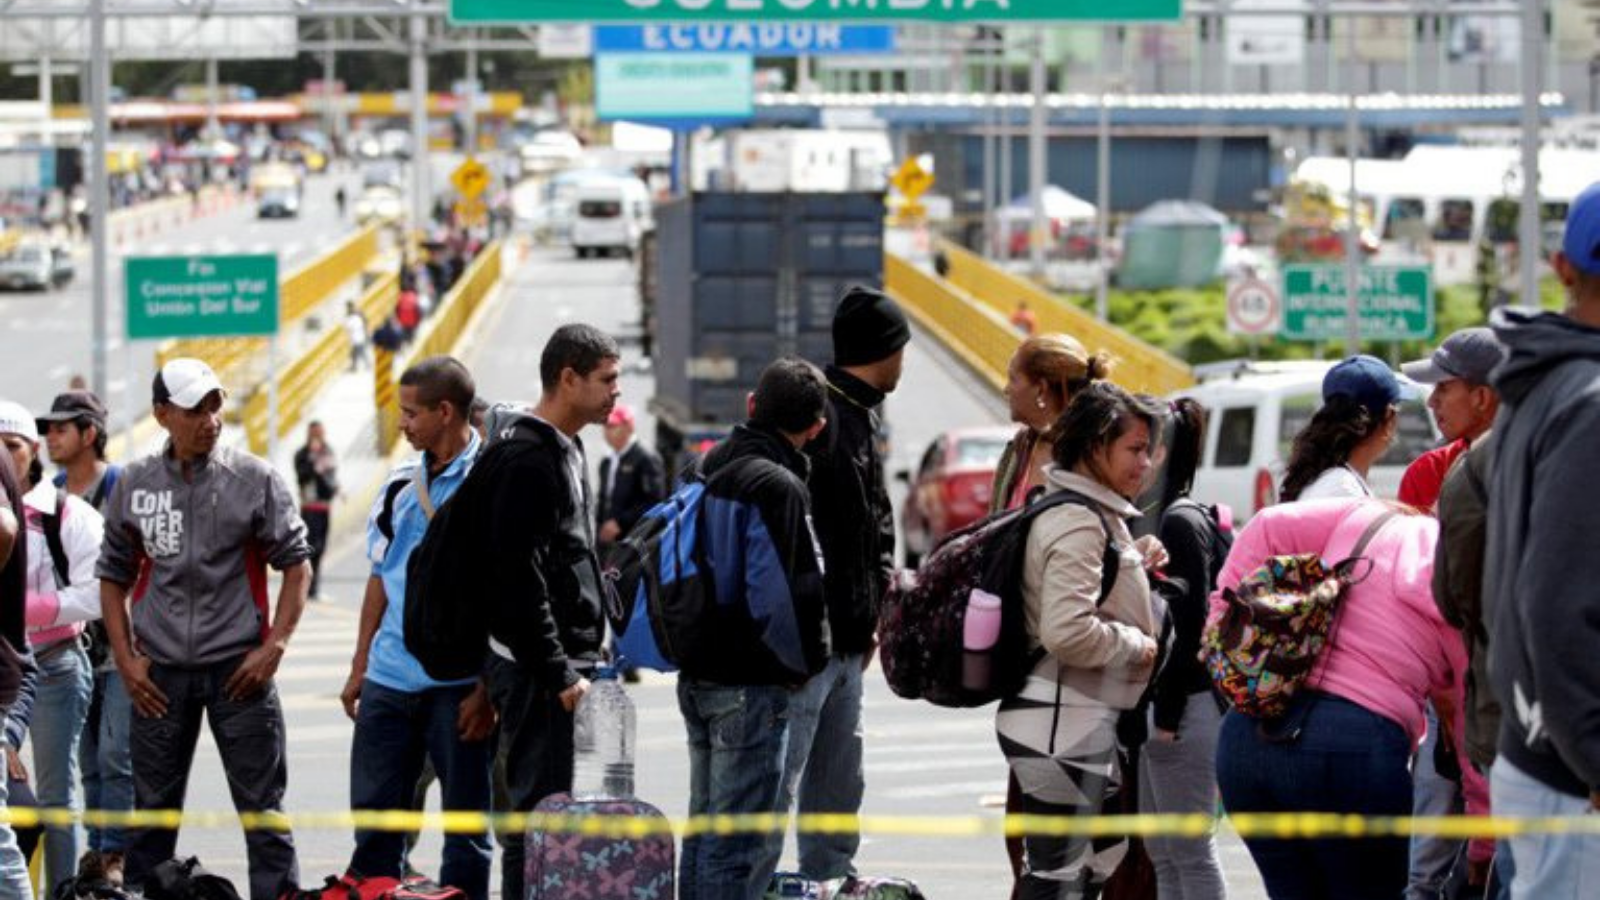 Colombia tendrá dos millones de venezolanos a fin de año